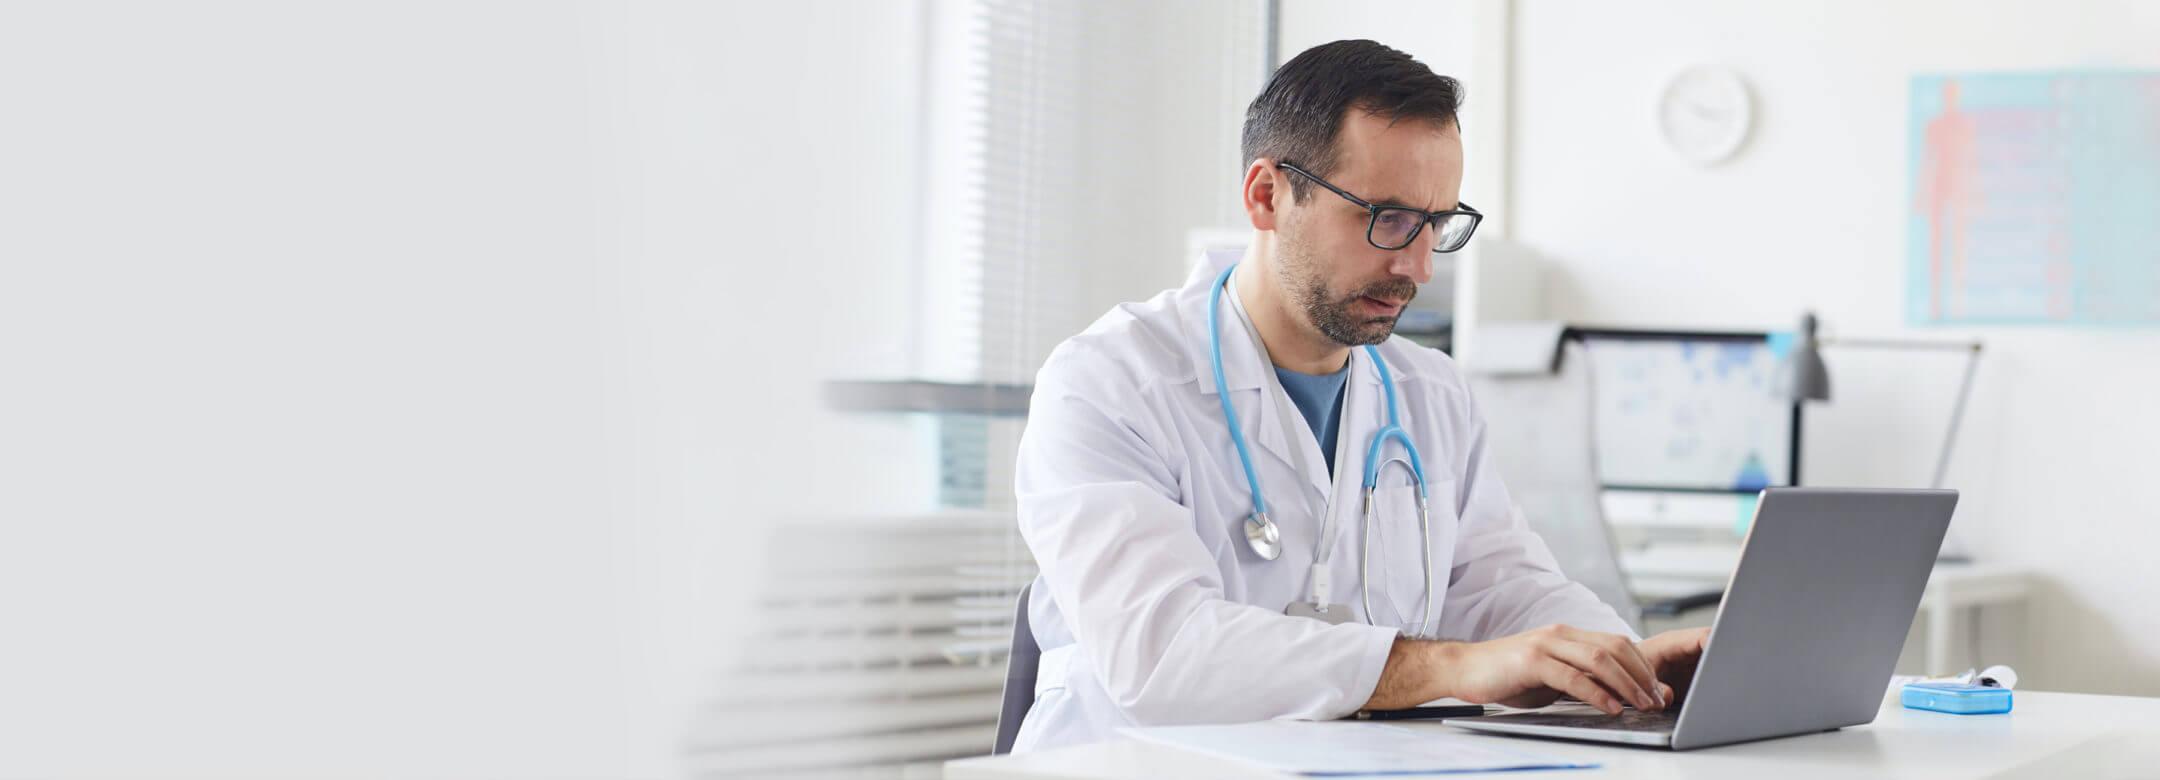 Lekarz specjalista pracujący z laptopem